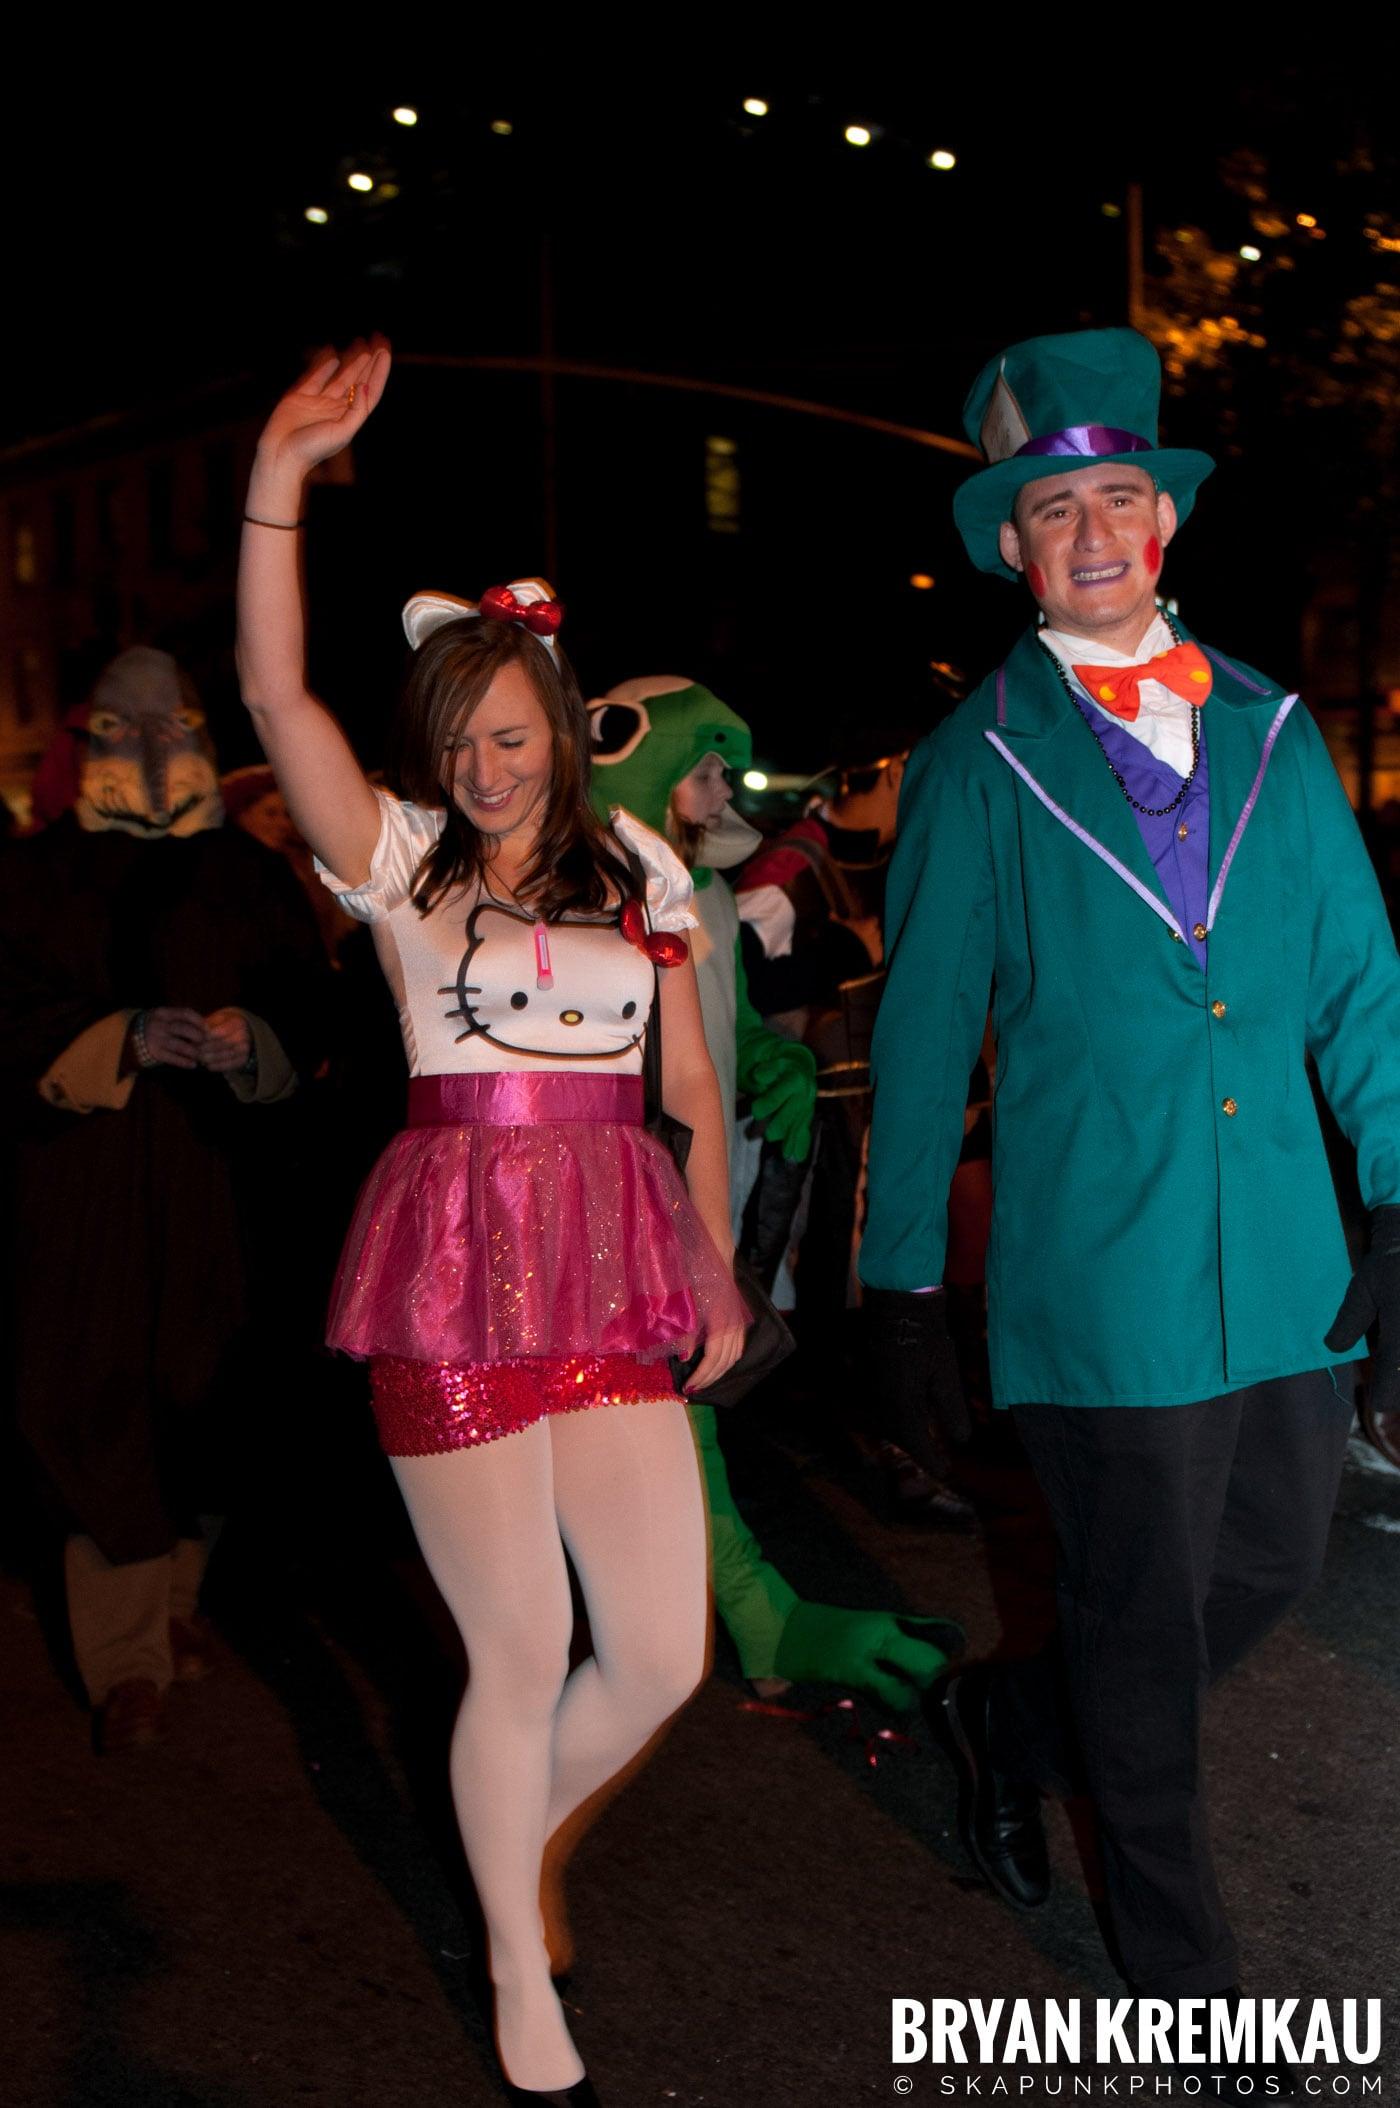 NYC Halloween Parade 2011 @ New York, NY - 10.31.11 (1)